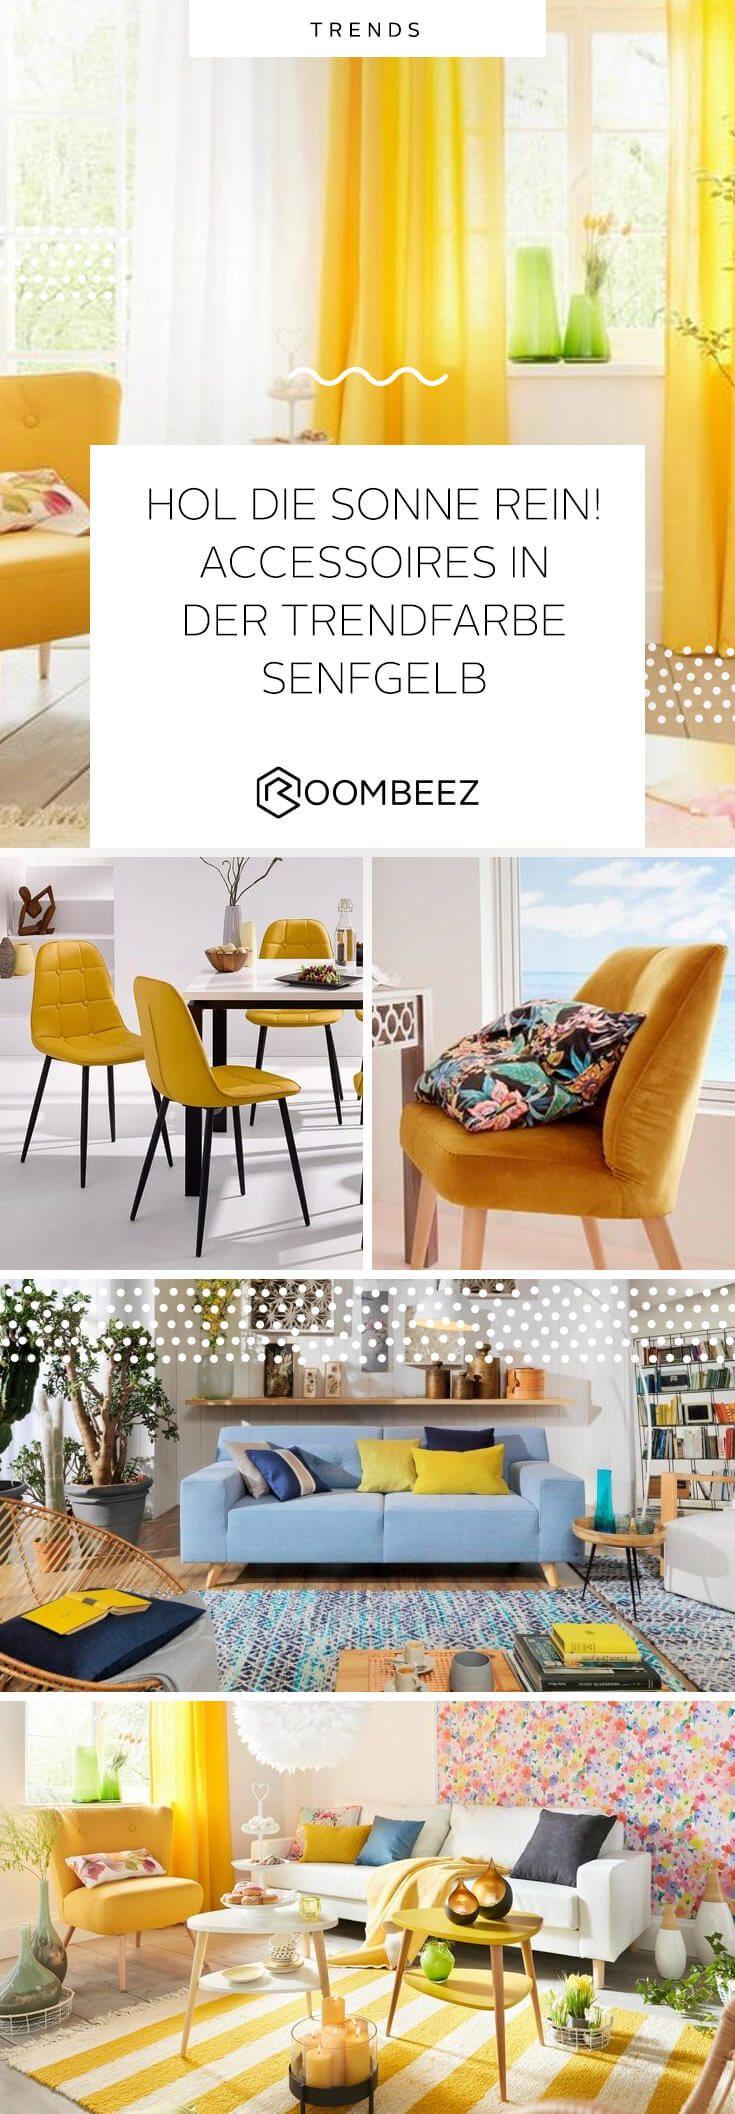 Trendfarbe Senfgelb » Möbel und Wohnaccessoires  OTTO  Senfgelb